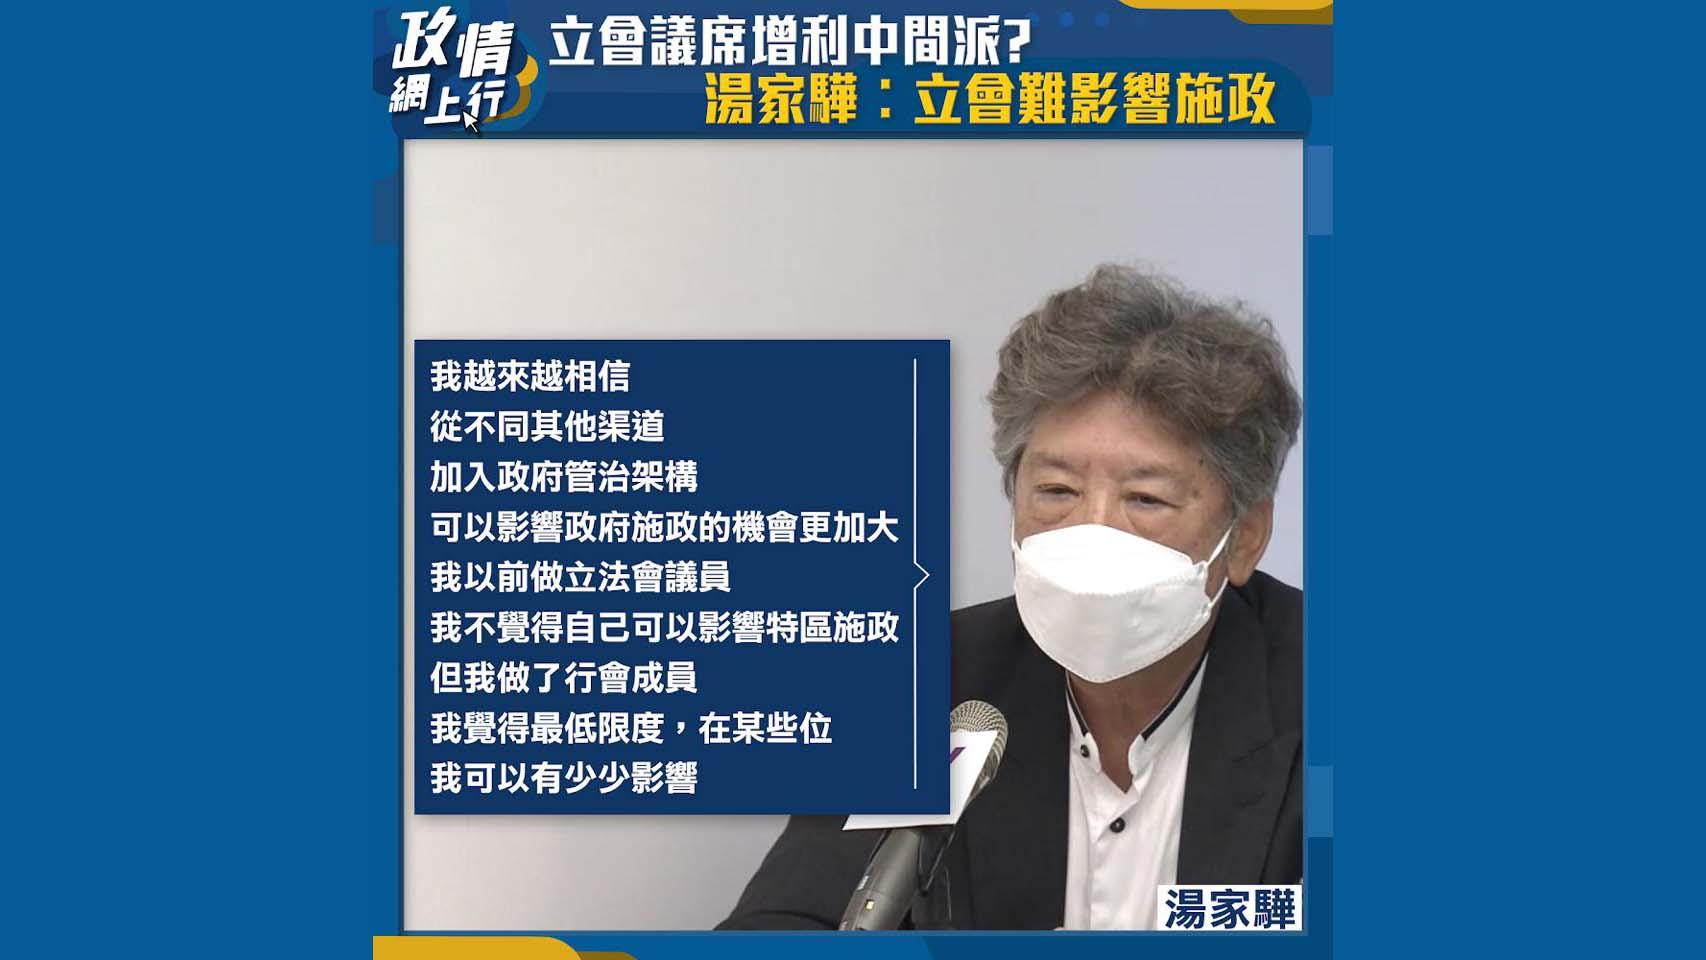 【政情網上行】立會議席增有利中間派?湯家驊:立會難影響施政